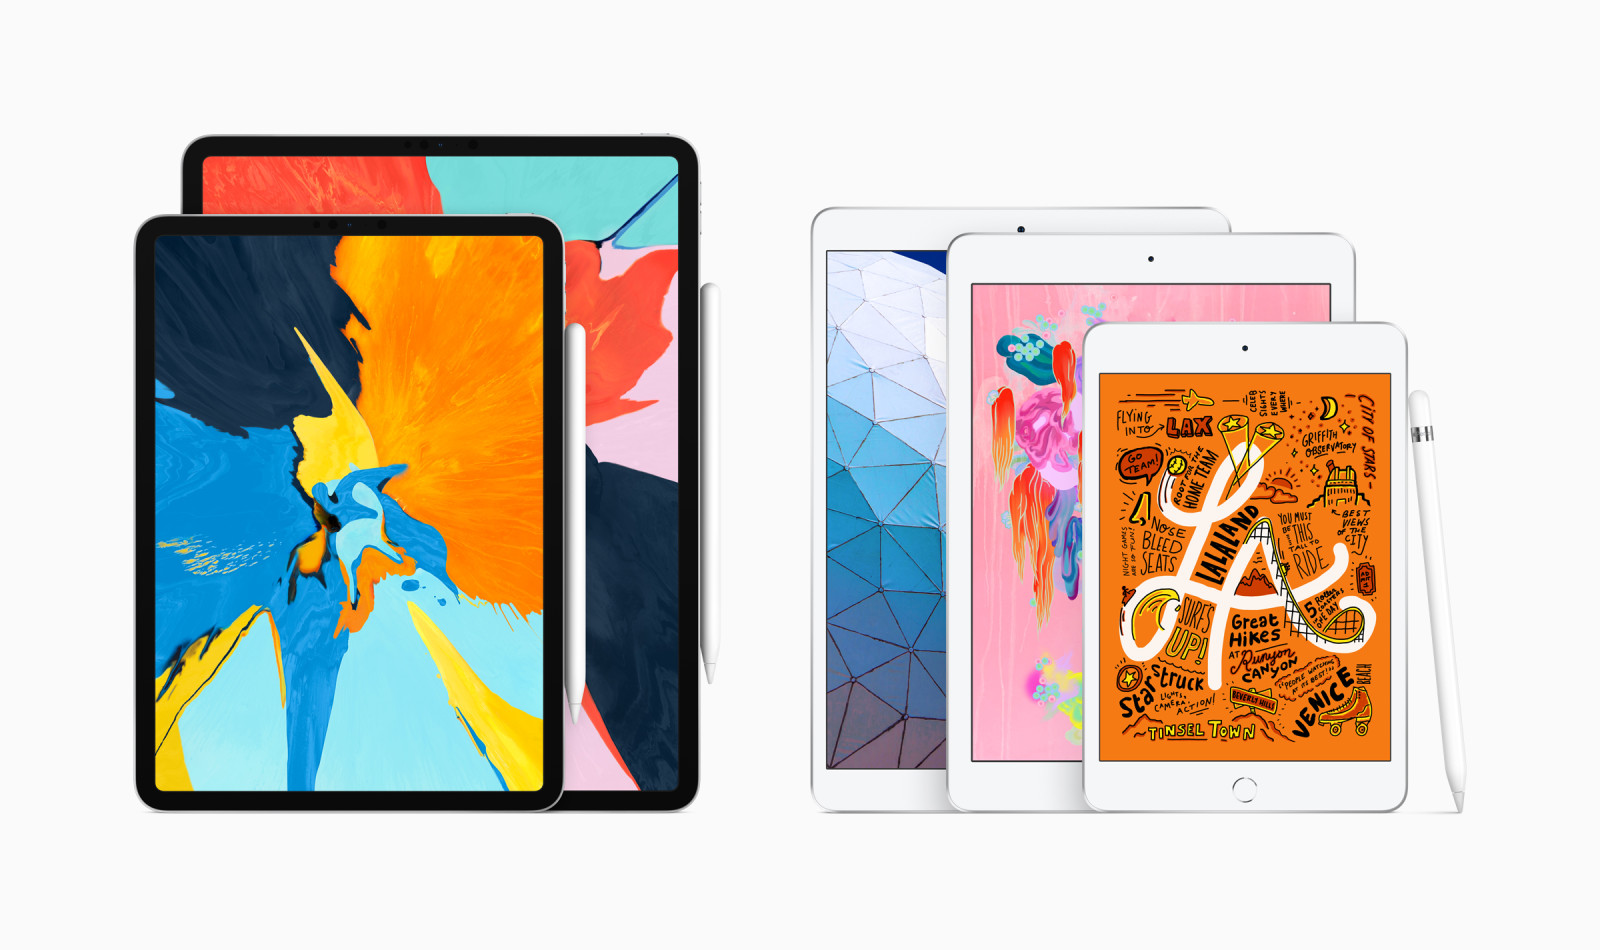 Apple ra mắt iPad mini 5 và iPad Air 10.5 inch : Màn hình True Tone, A12 Bionic, hỗ trợ Apple Pencil, giá 399/499 USD